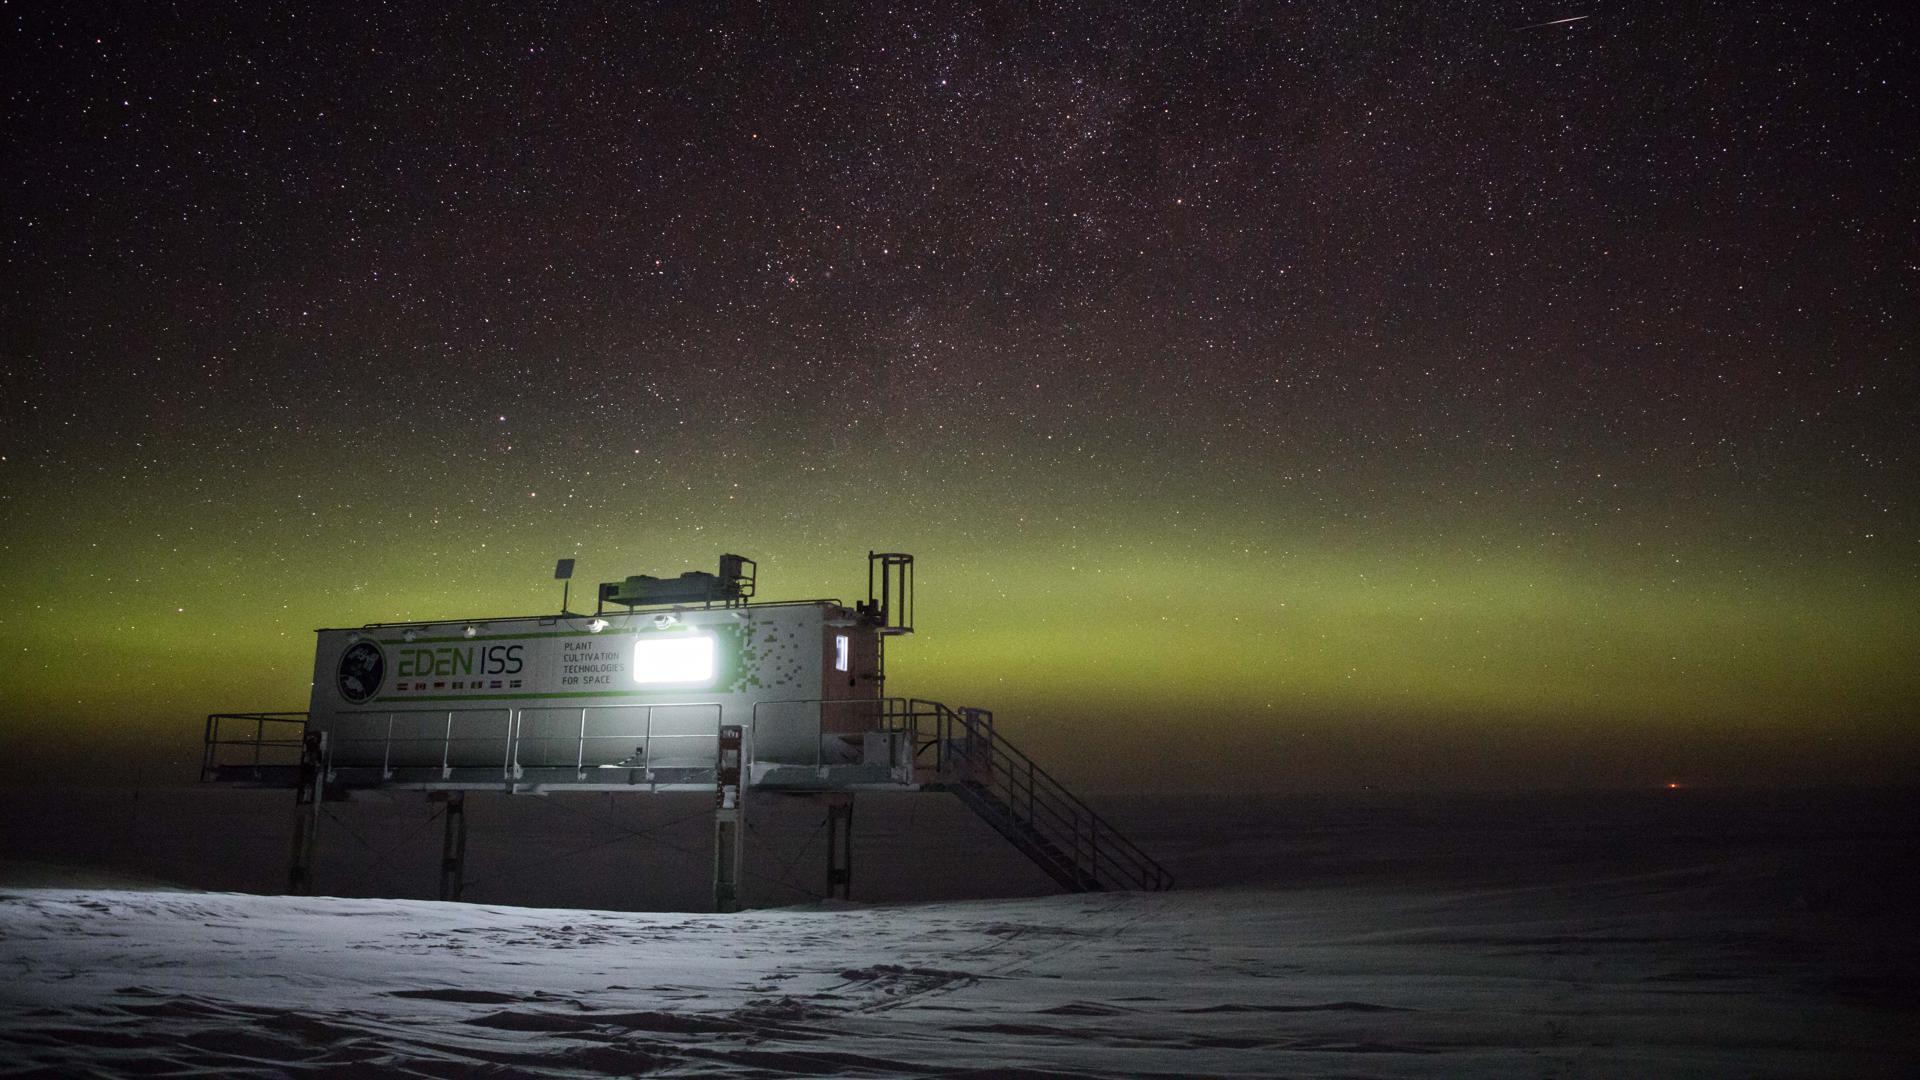 """Ein Gemüsegarten am Ende der Welt: Das von einem Karlsruher Wissenschaftler geleitete Projekt """"Eden ISS"""" in der Antarktis liefert wichtige Erkenntnisse darüber, wie sich die Langzeitforscher außerhalb der Erde selbst mit frischer Nahrung versorgen können."""